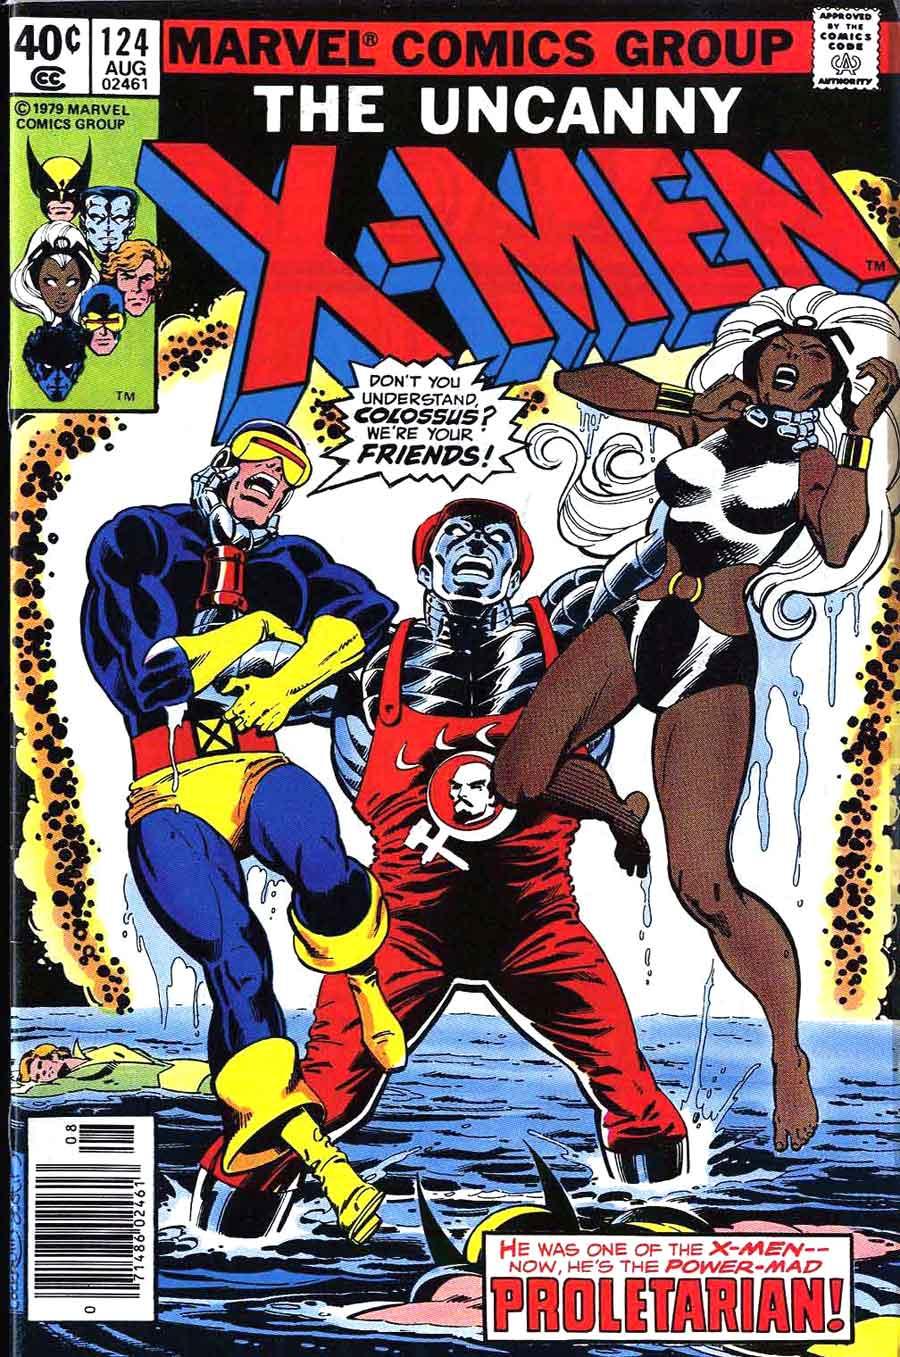 X-men v1 #124 marvel comic book cover art by John Byrne